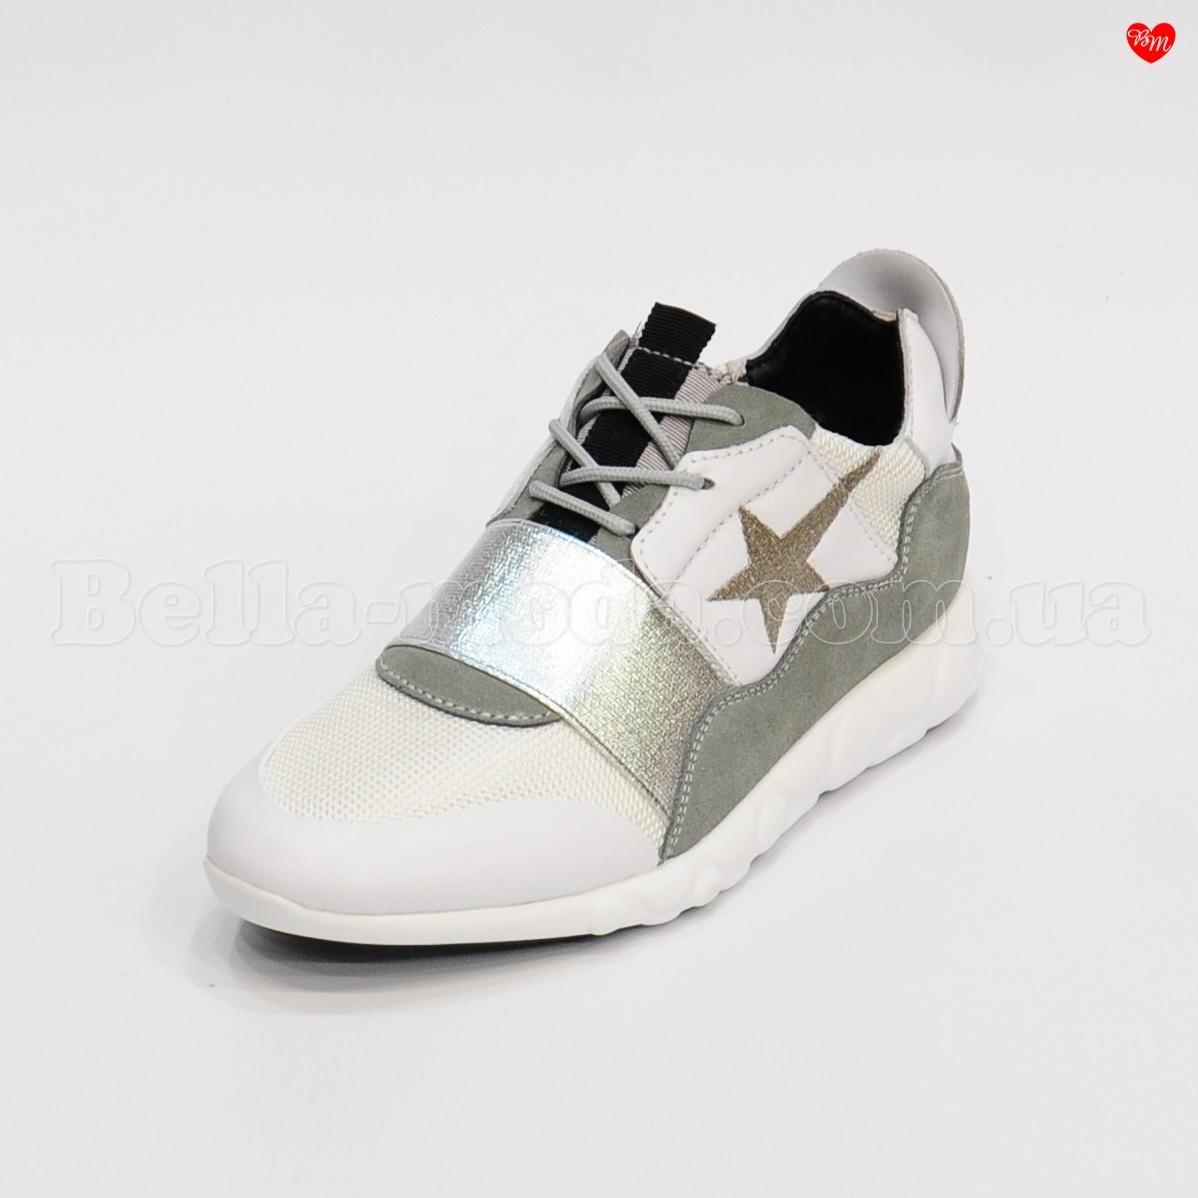 90c4404222b5 Купить Женские кроссовки со звездой Golden Goose в розницу от  интернет-магазина